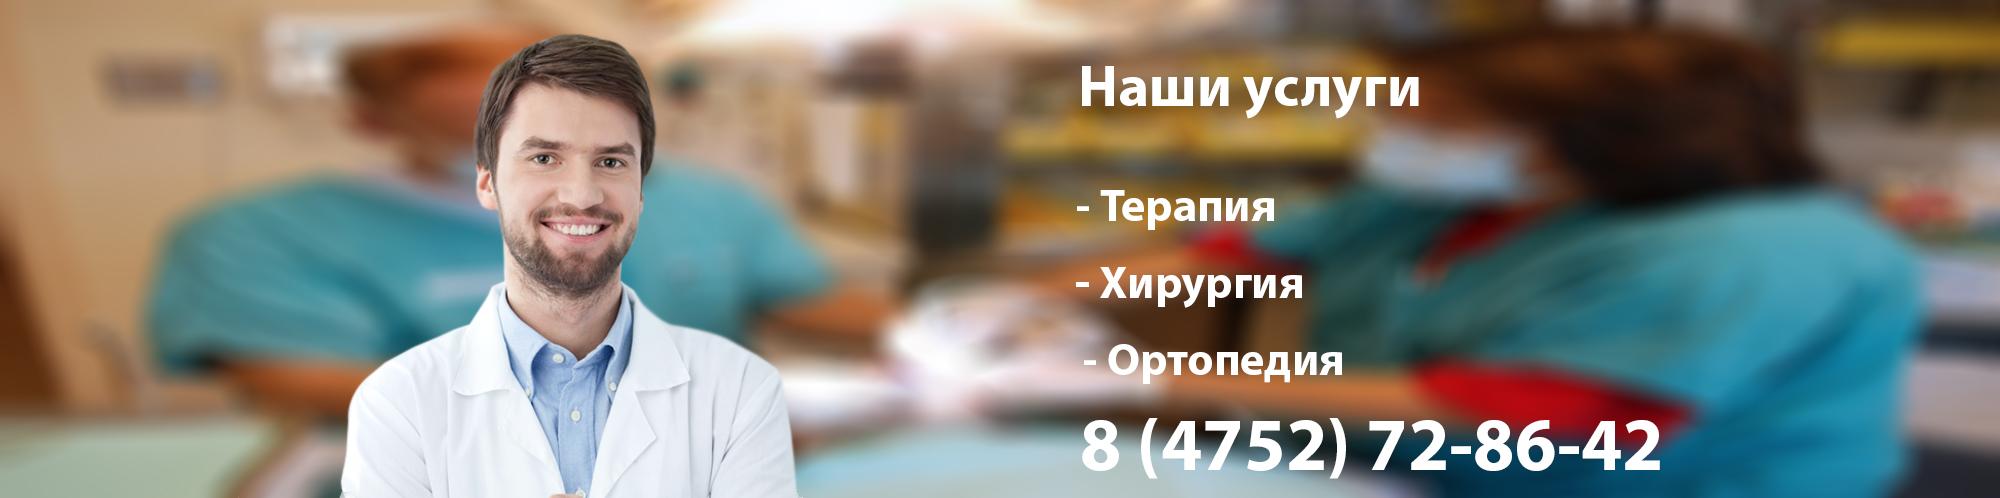 Стоматологическая клиника Жемчужина второй слайд Тамбов